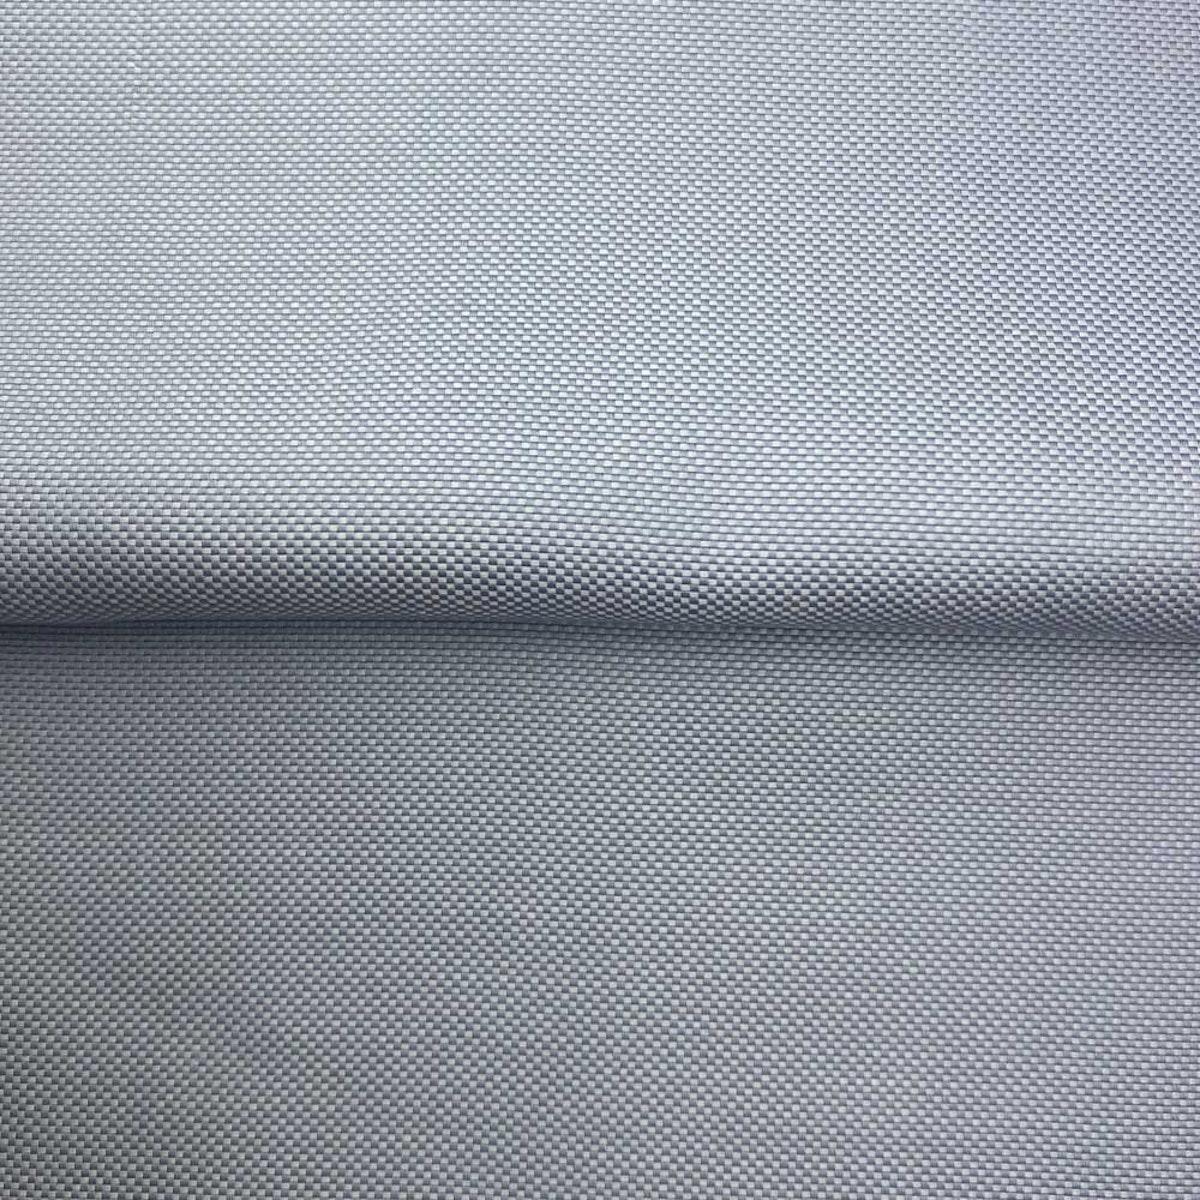 InStitchu Shirt Fabric 70